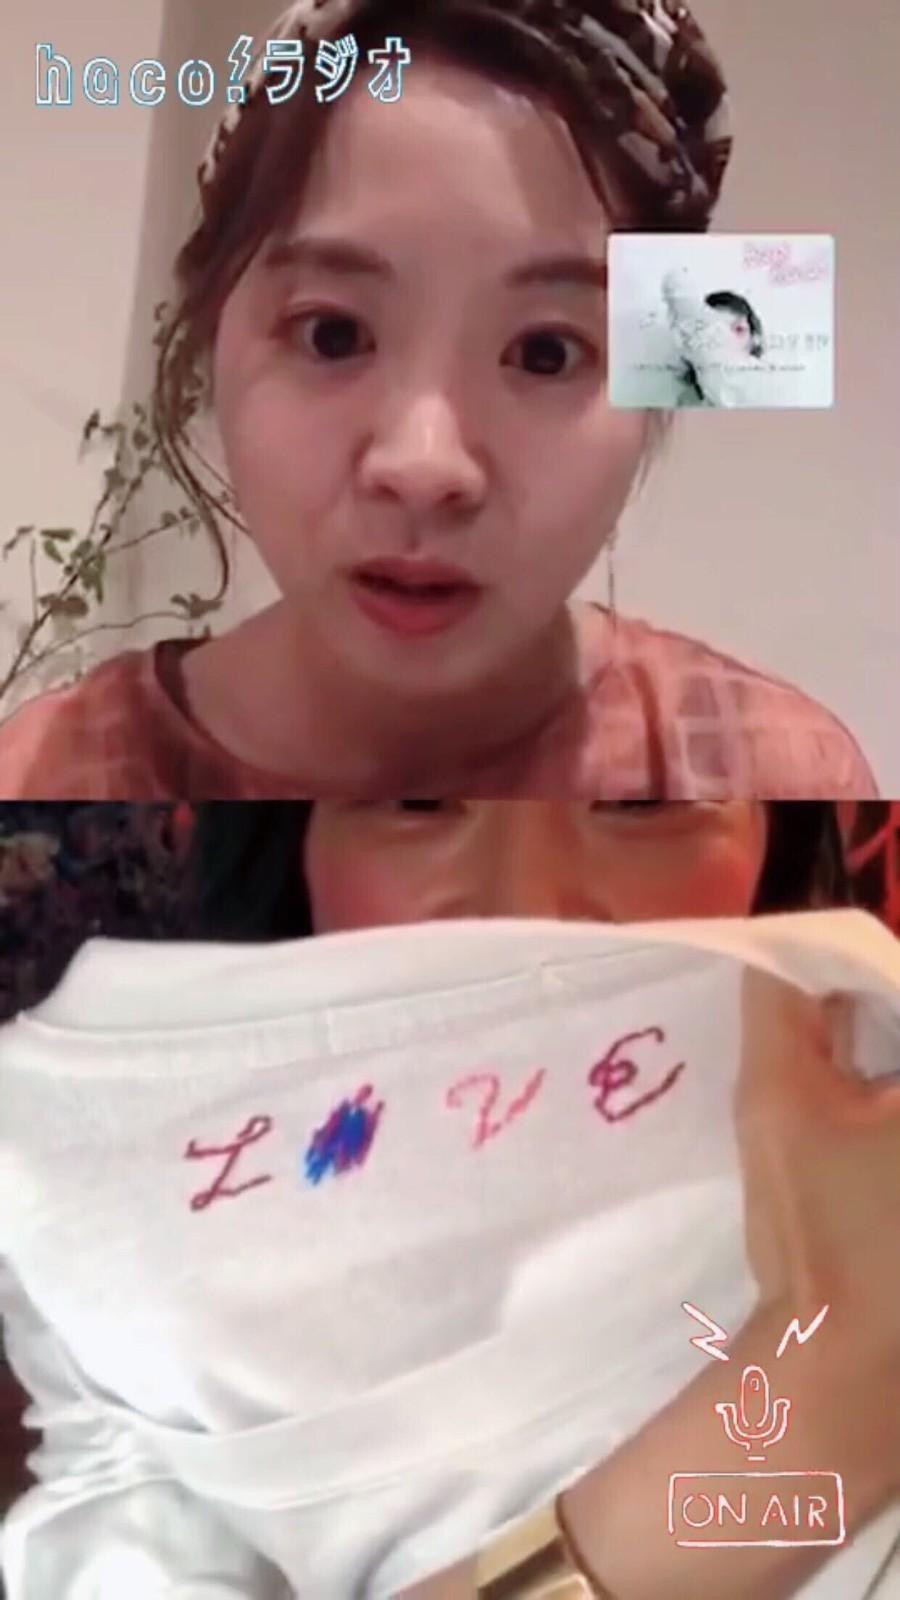 haco! haco! [haco! POST] 刺繍アーティスト二宮佐和子さんとみんなでワイワイ刺繍!zoom縫いワークショップ参加チケット 6/28・7/1開催<eros> <その他>の商品写真10